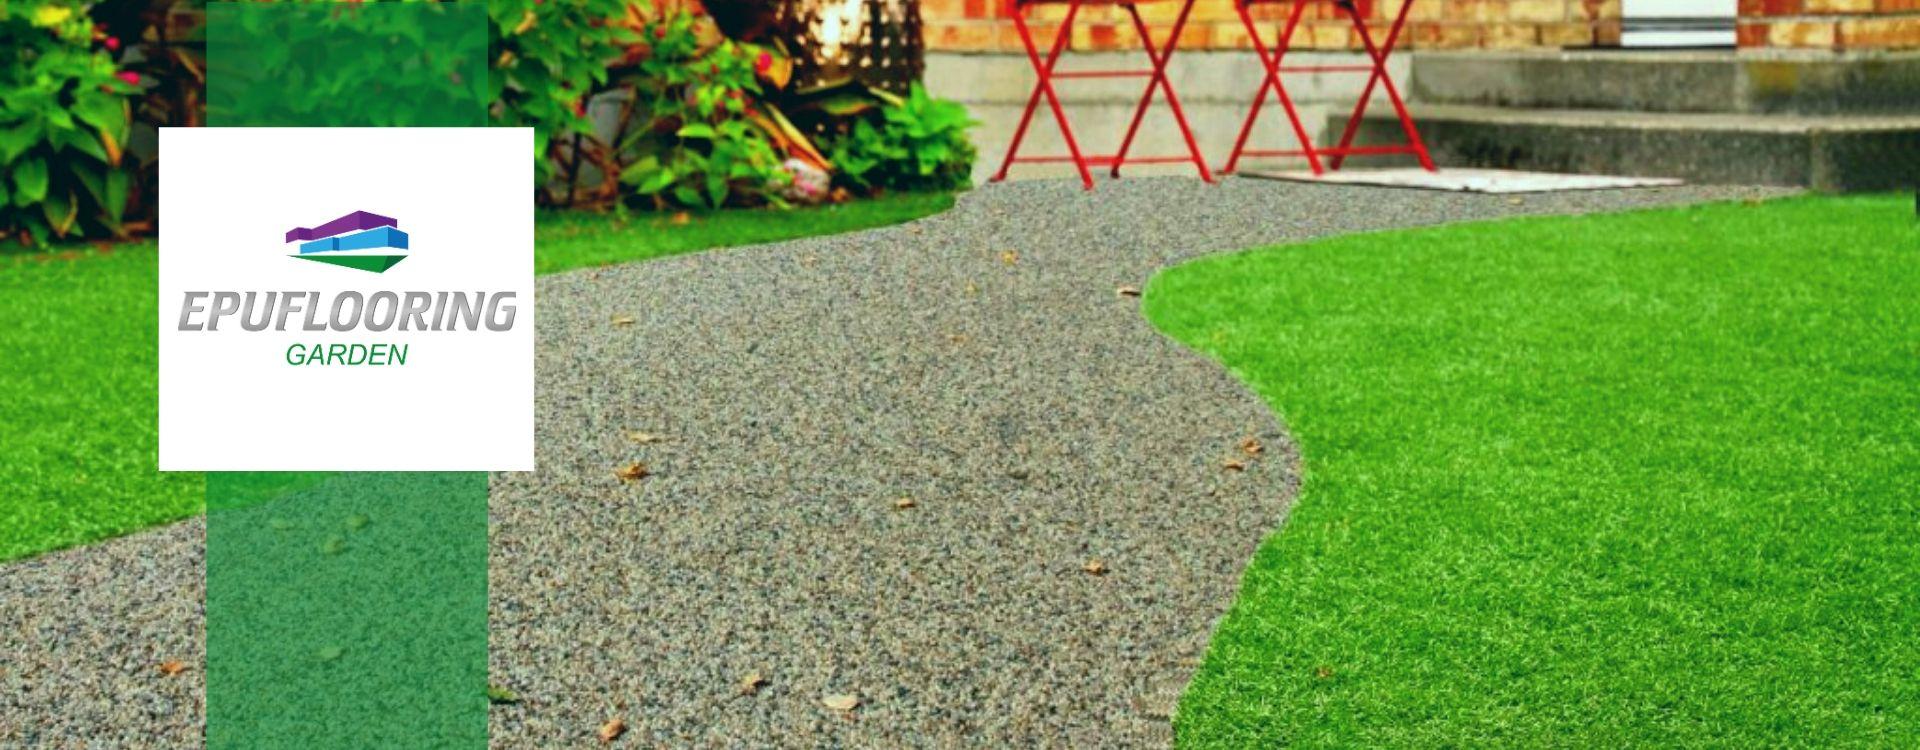 epuflooring garden logo